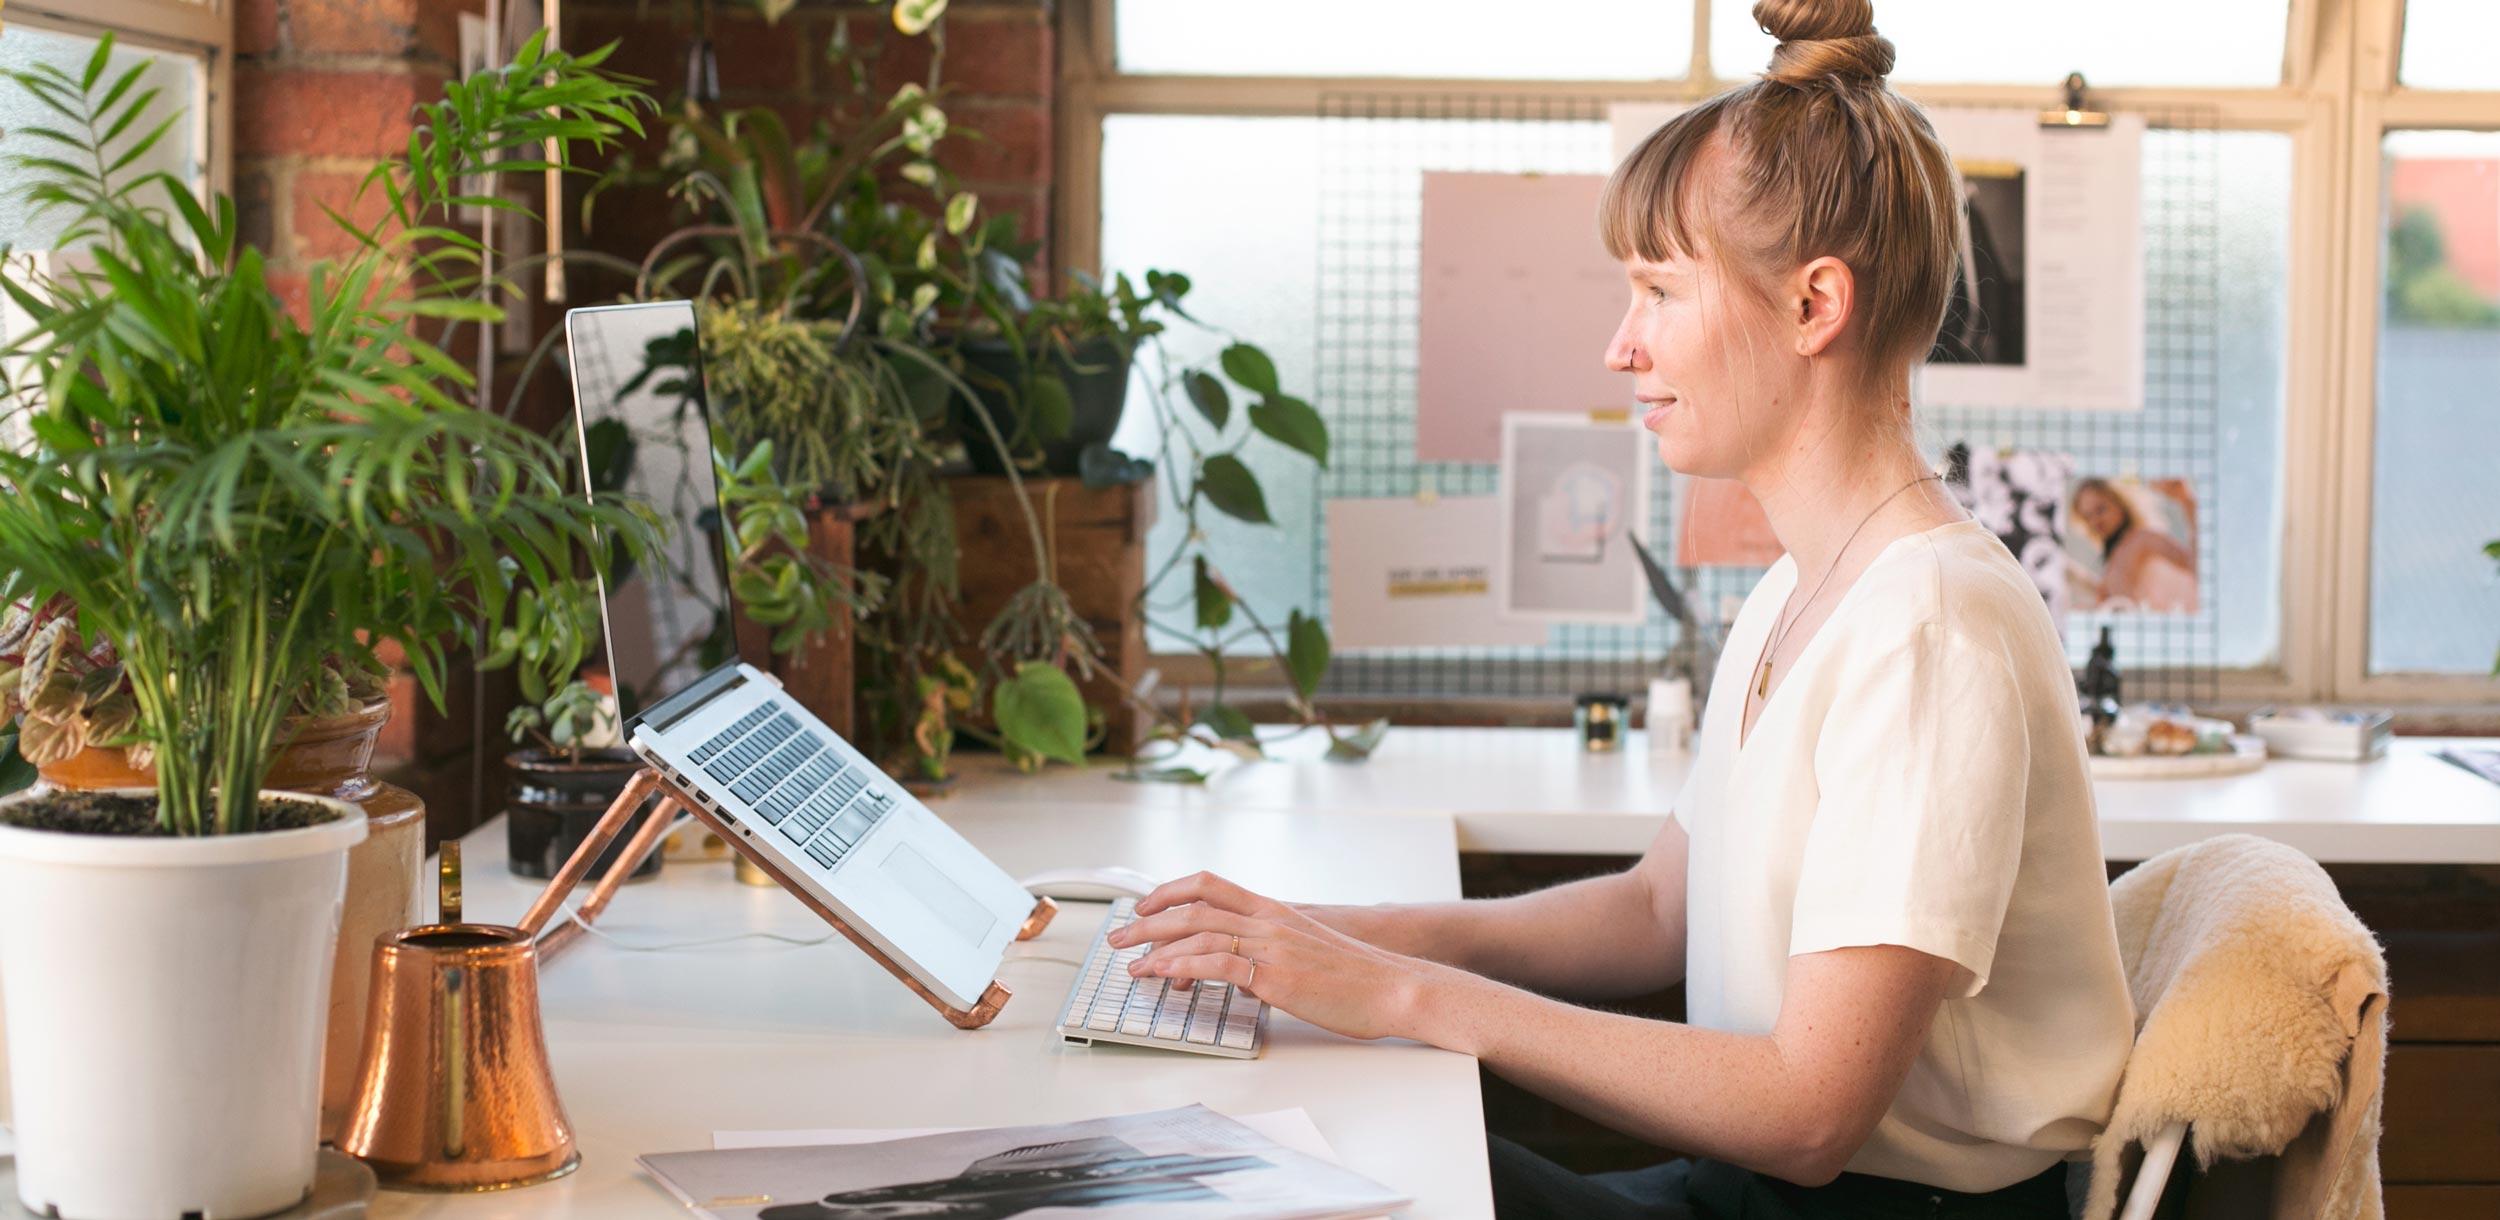 Dani Smiling At Her Computer